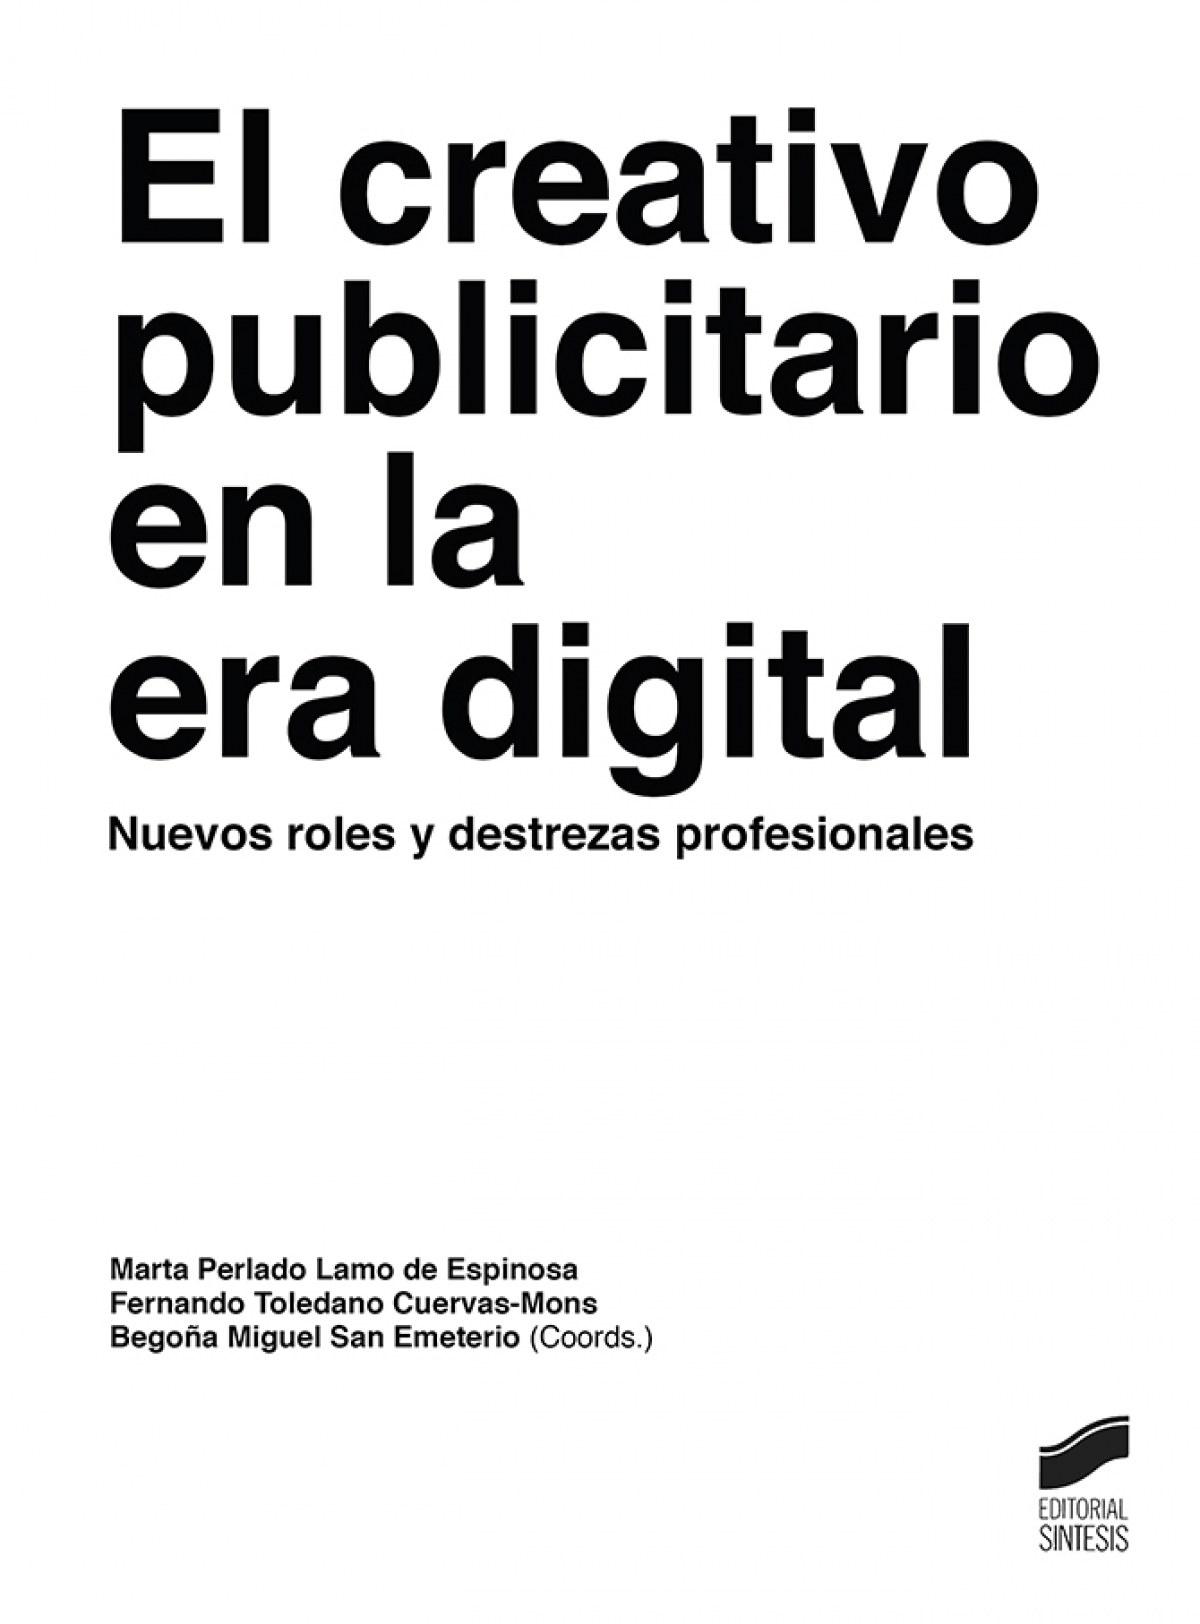 CREATIVO PUBLICITARIO EN LA ERA DIGITAL